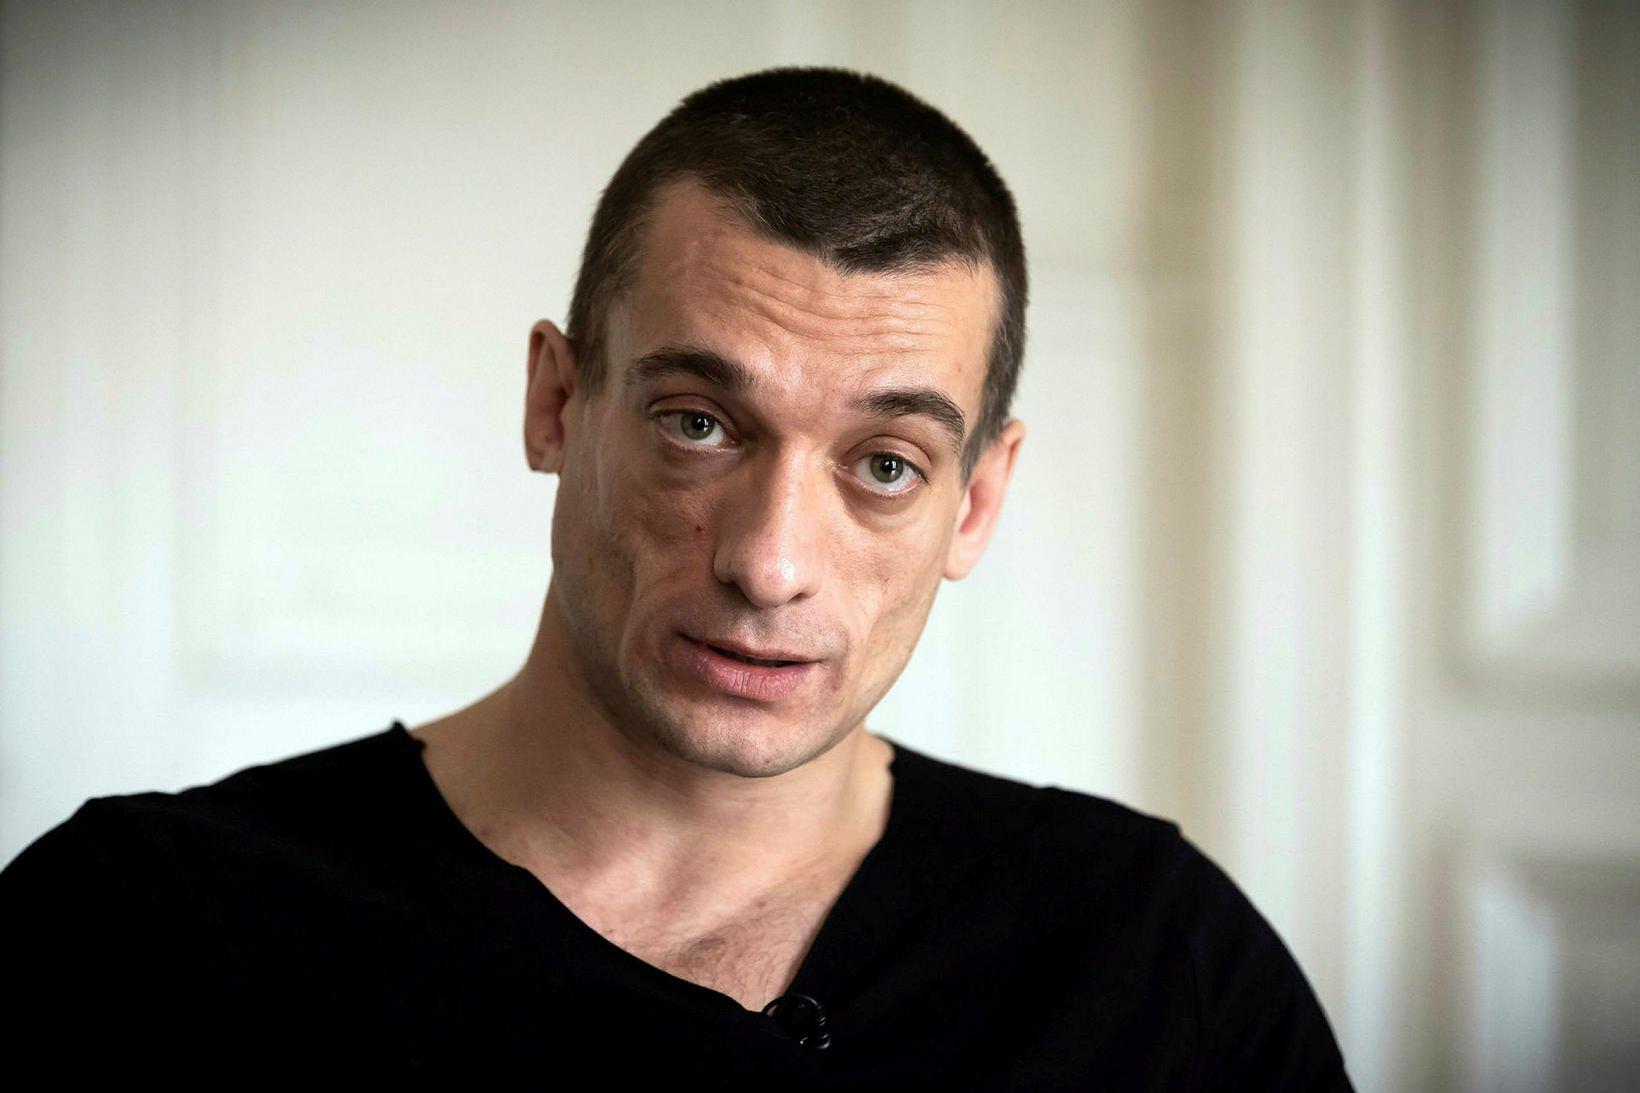 Petr Pavlensky segist hafa verið að afhjúpa hræsnara.